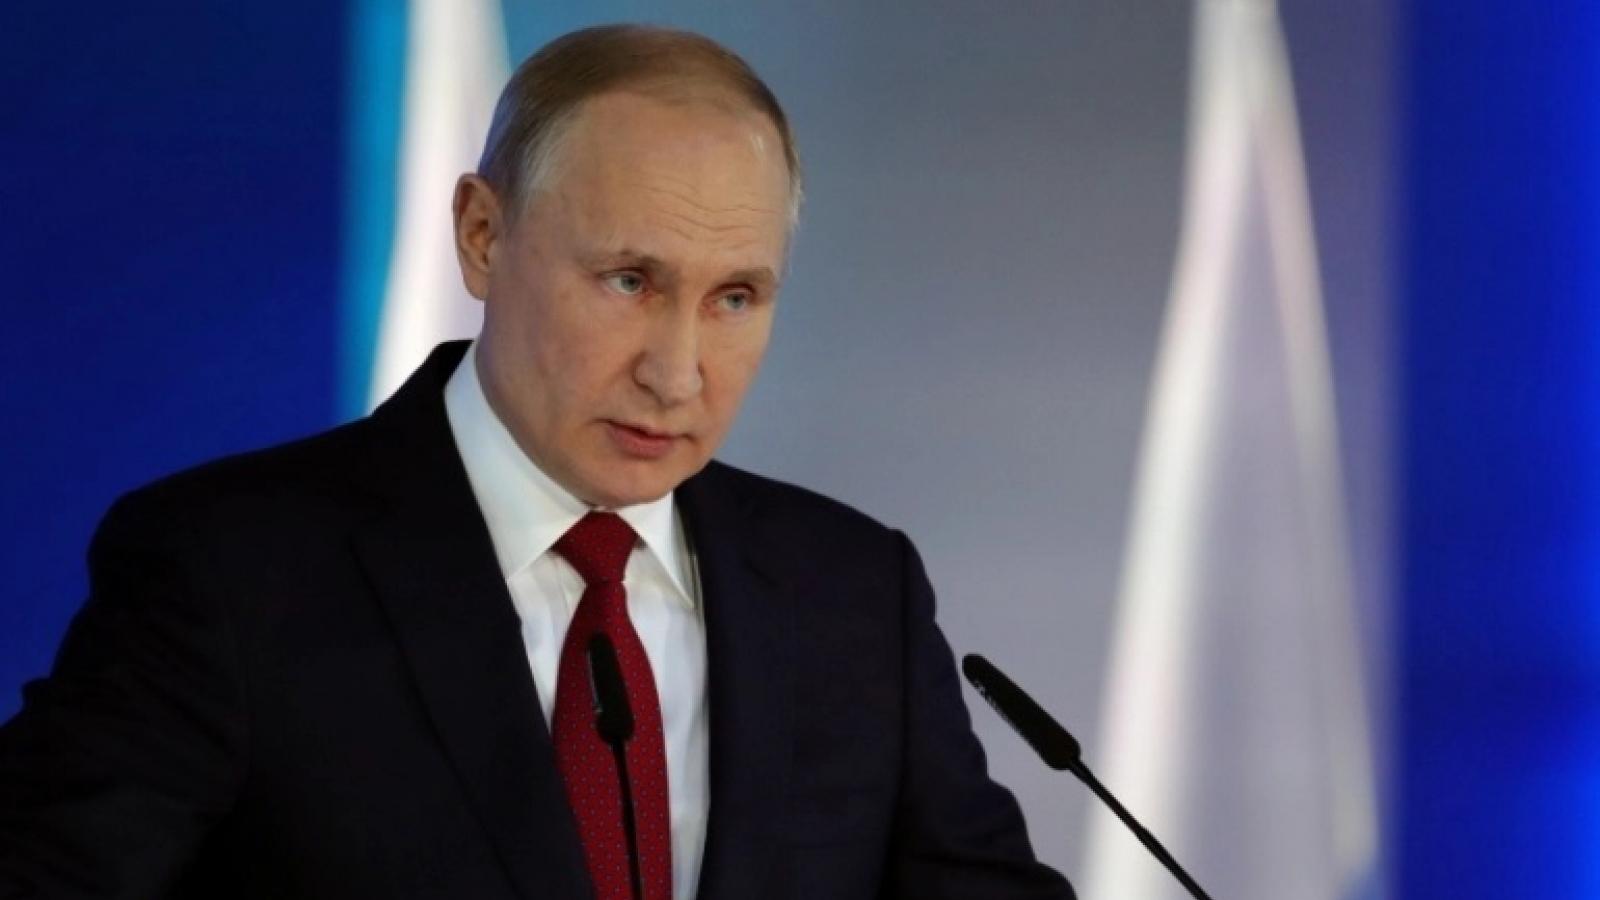 Ông Putin: Trung Quốc-Đức vươn tới vị thế siêu cường, ảnh hưởng của Mỹ-Anh suy giảm